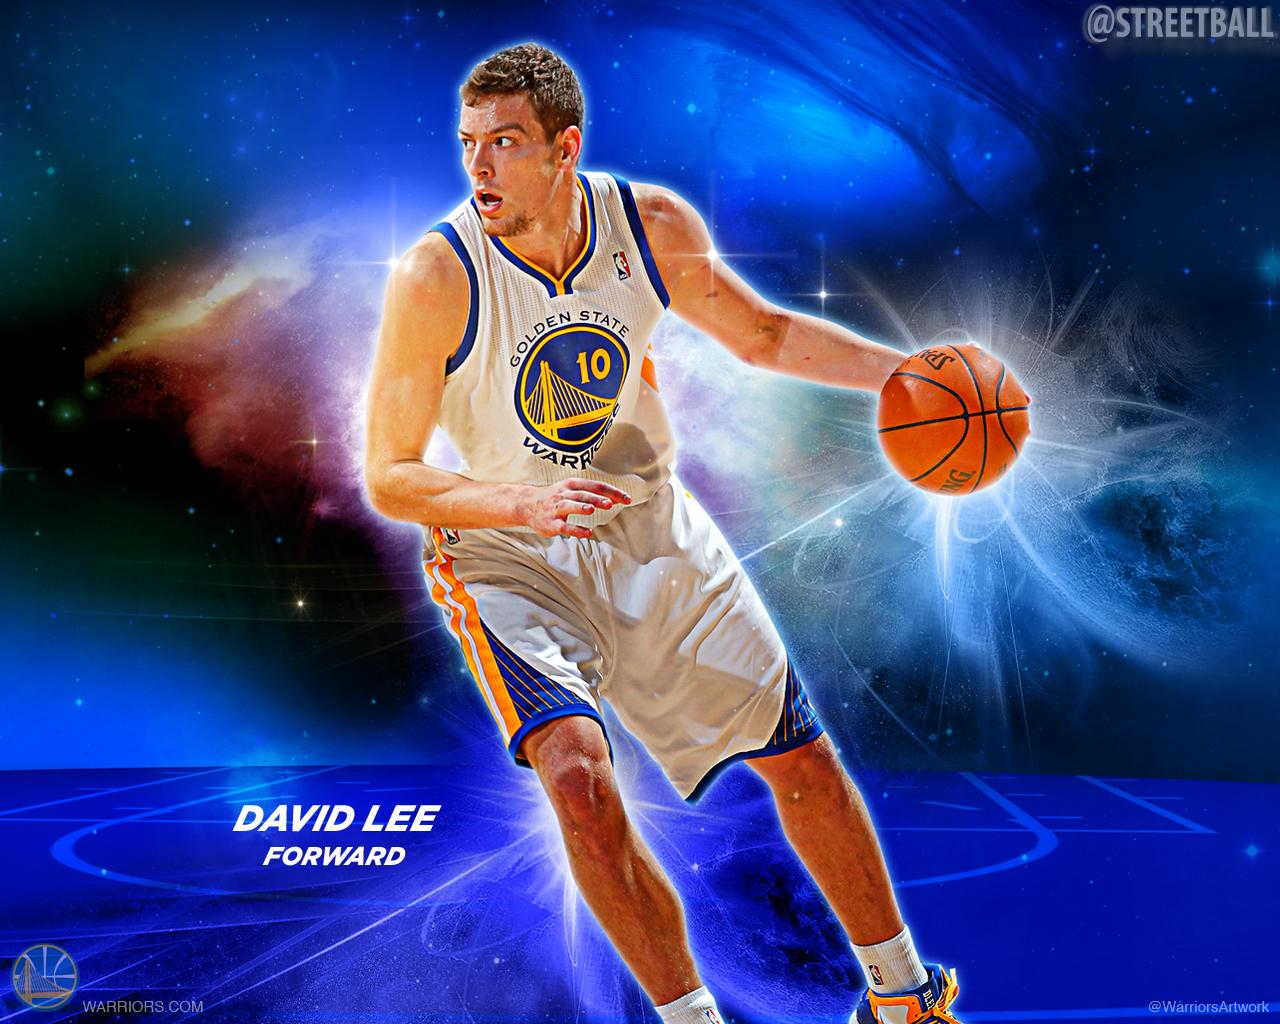 David Lee Golden State Warriors Wallpaper Streetball